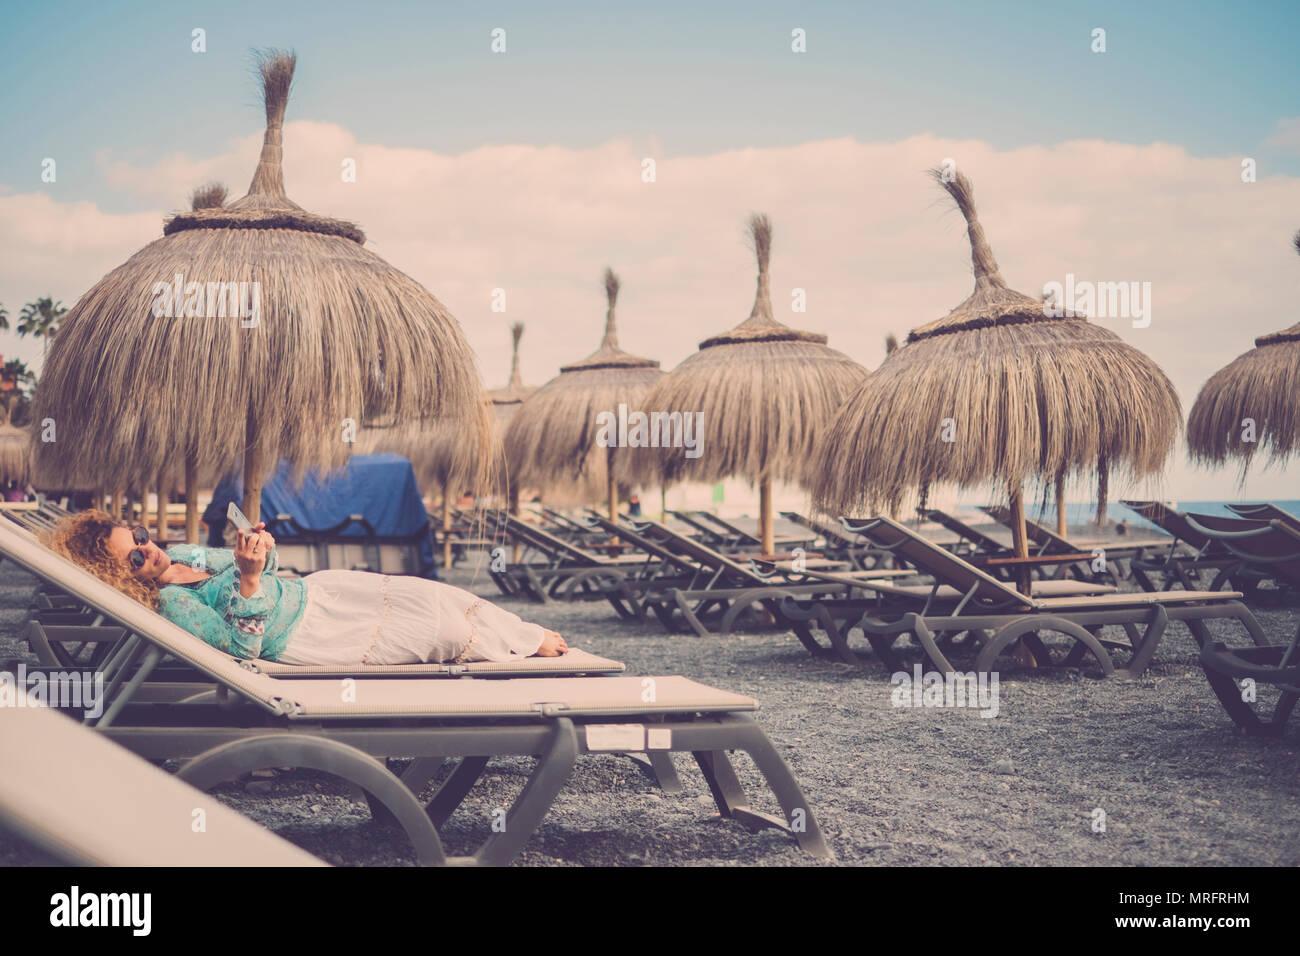 Schönen kaukasischen Frauen mittleren Alters auf die Sitze legen am Strand mit tropischen Sonnenschirme. Reisen und Ferien rest Konzept. Bleiben Sie verbunden wit Stockbild